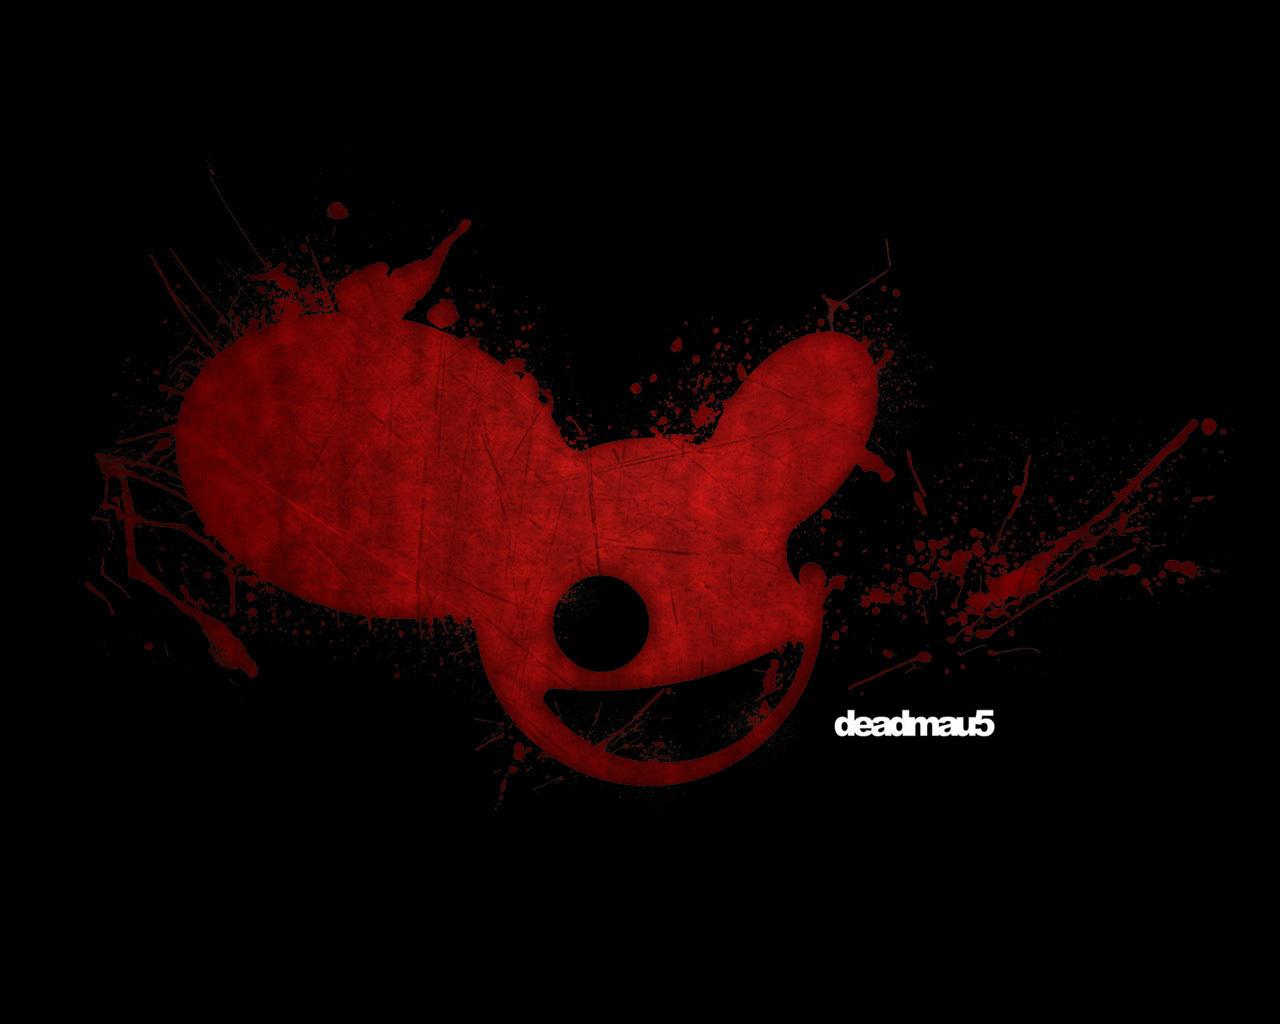 Deadmau5 Phone Wallpaper 1280x1024